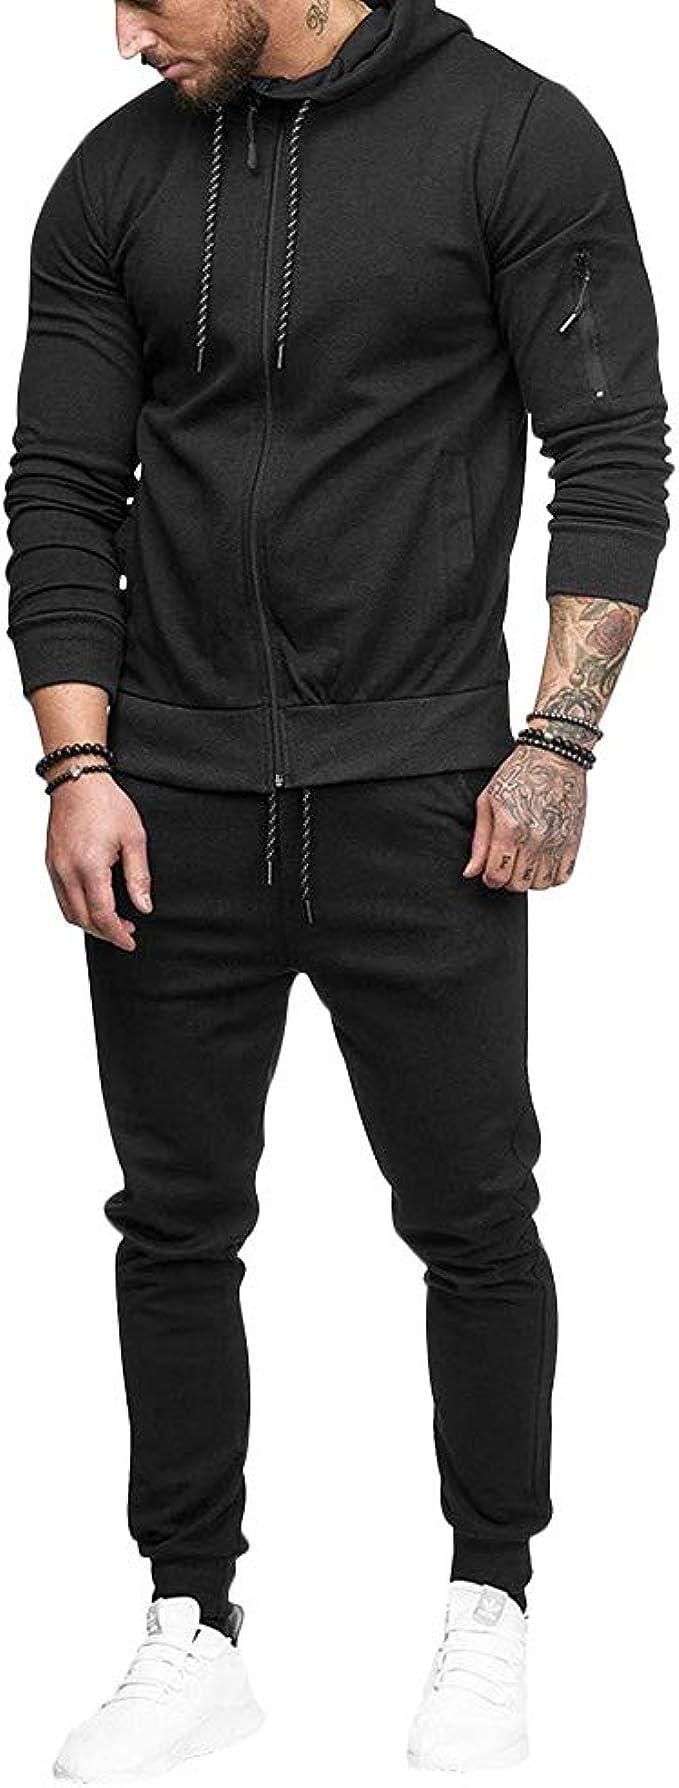 2PCS Mens Tracksuit Set Hoodies Sweatshirt Pants Bottoms Fitness Jogging Suit UK